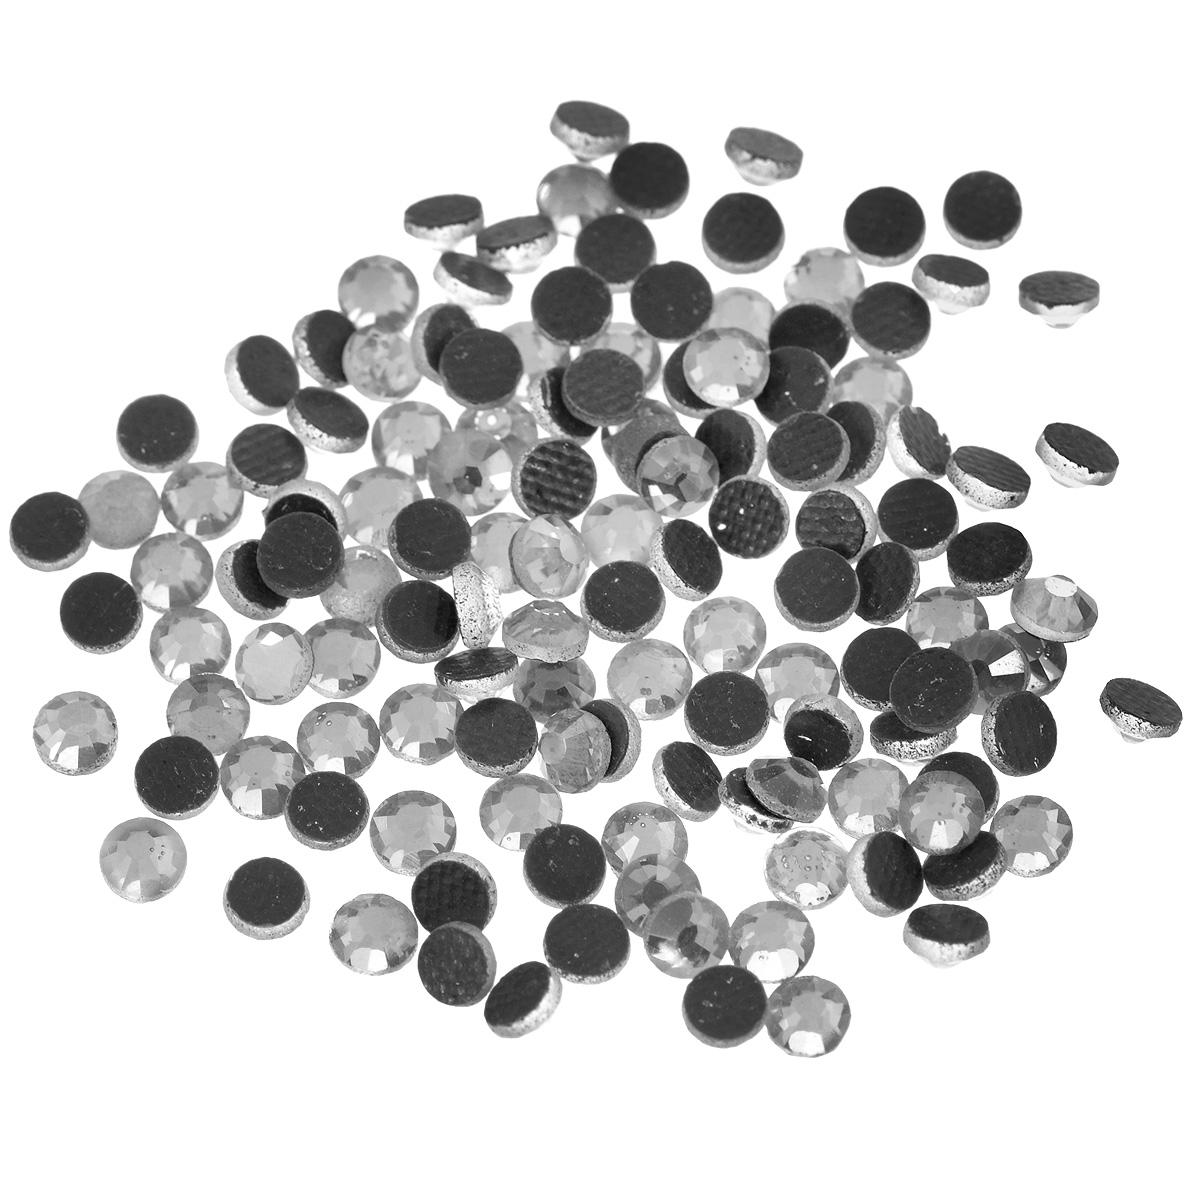 Стразы термоклеевые Cristal, цвет: белый (001), диаметр 4 мм, 144 шт7706831_001Набор термоклеевых страз Cristal, изготовленный из высококачественного акрила, позволит вам украсить одежду, аксессуары или текстиль. Яркие стразы имеют плоское дно и круглую поверхность с гранями.Дно термоклеевых страз уже обработано особым клеем, который под воздействием высоких температур начинает плавиться, приклеиваясь, таким образом, к требуемой поверхности. Чаще всего их используют в текстильной промышленности: стразы прикладывают к ткани и проглаживают утюгом с обратной стороны. Также можно использовать специальный паяльник. Украшение стразами поможет сделать любую вещь оригинальной и неповторимой. Диаметр стразы: 4 мм.